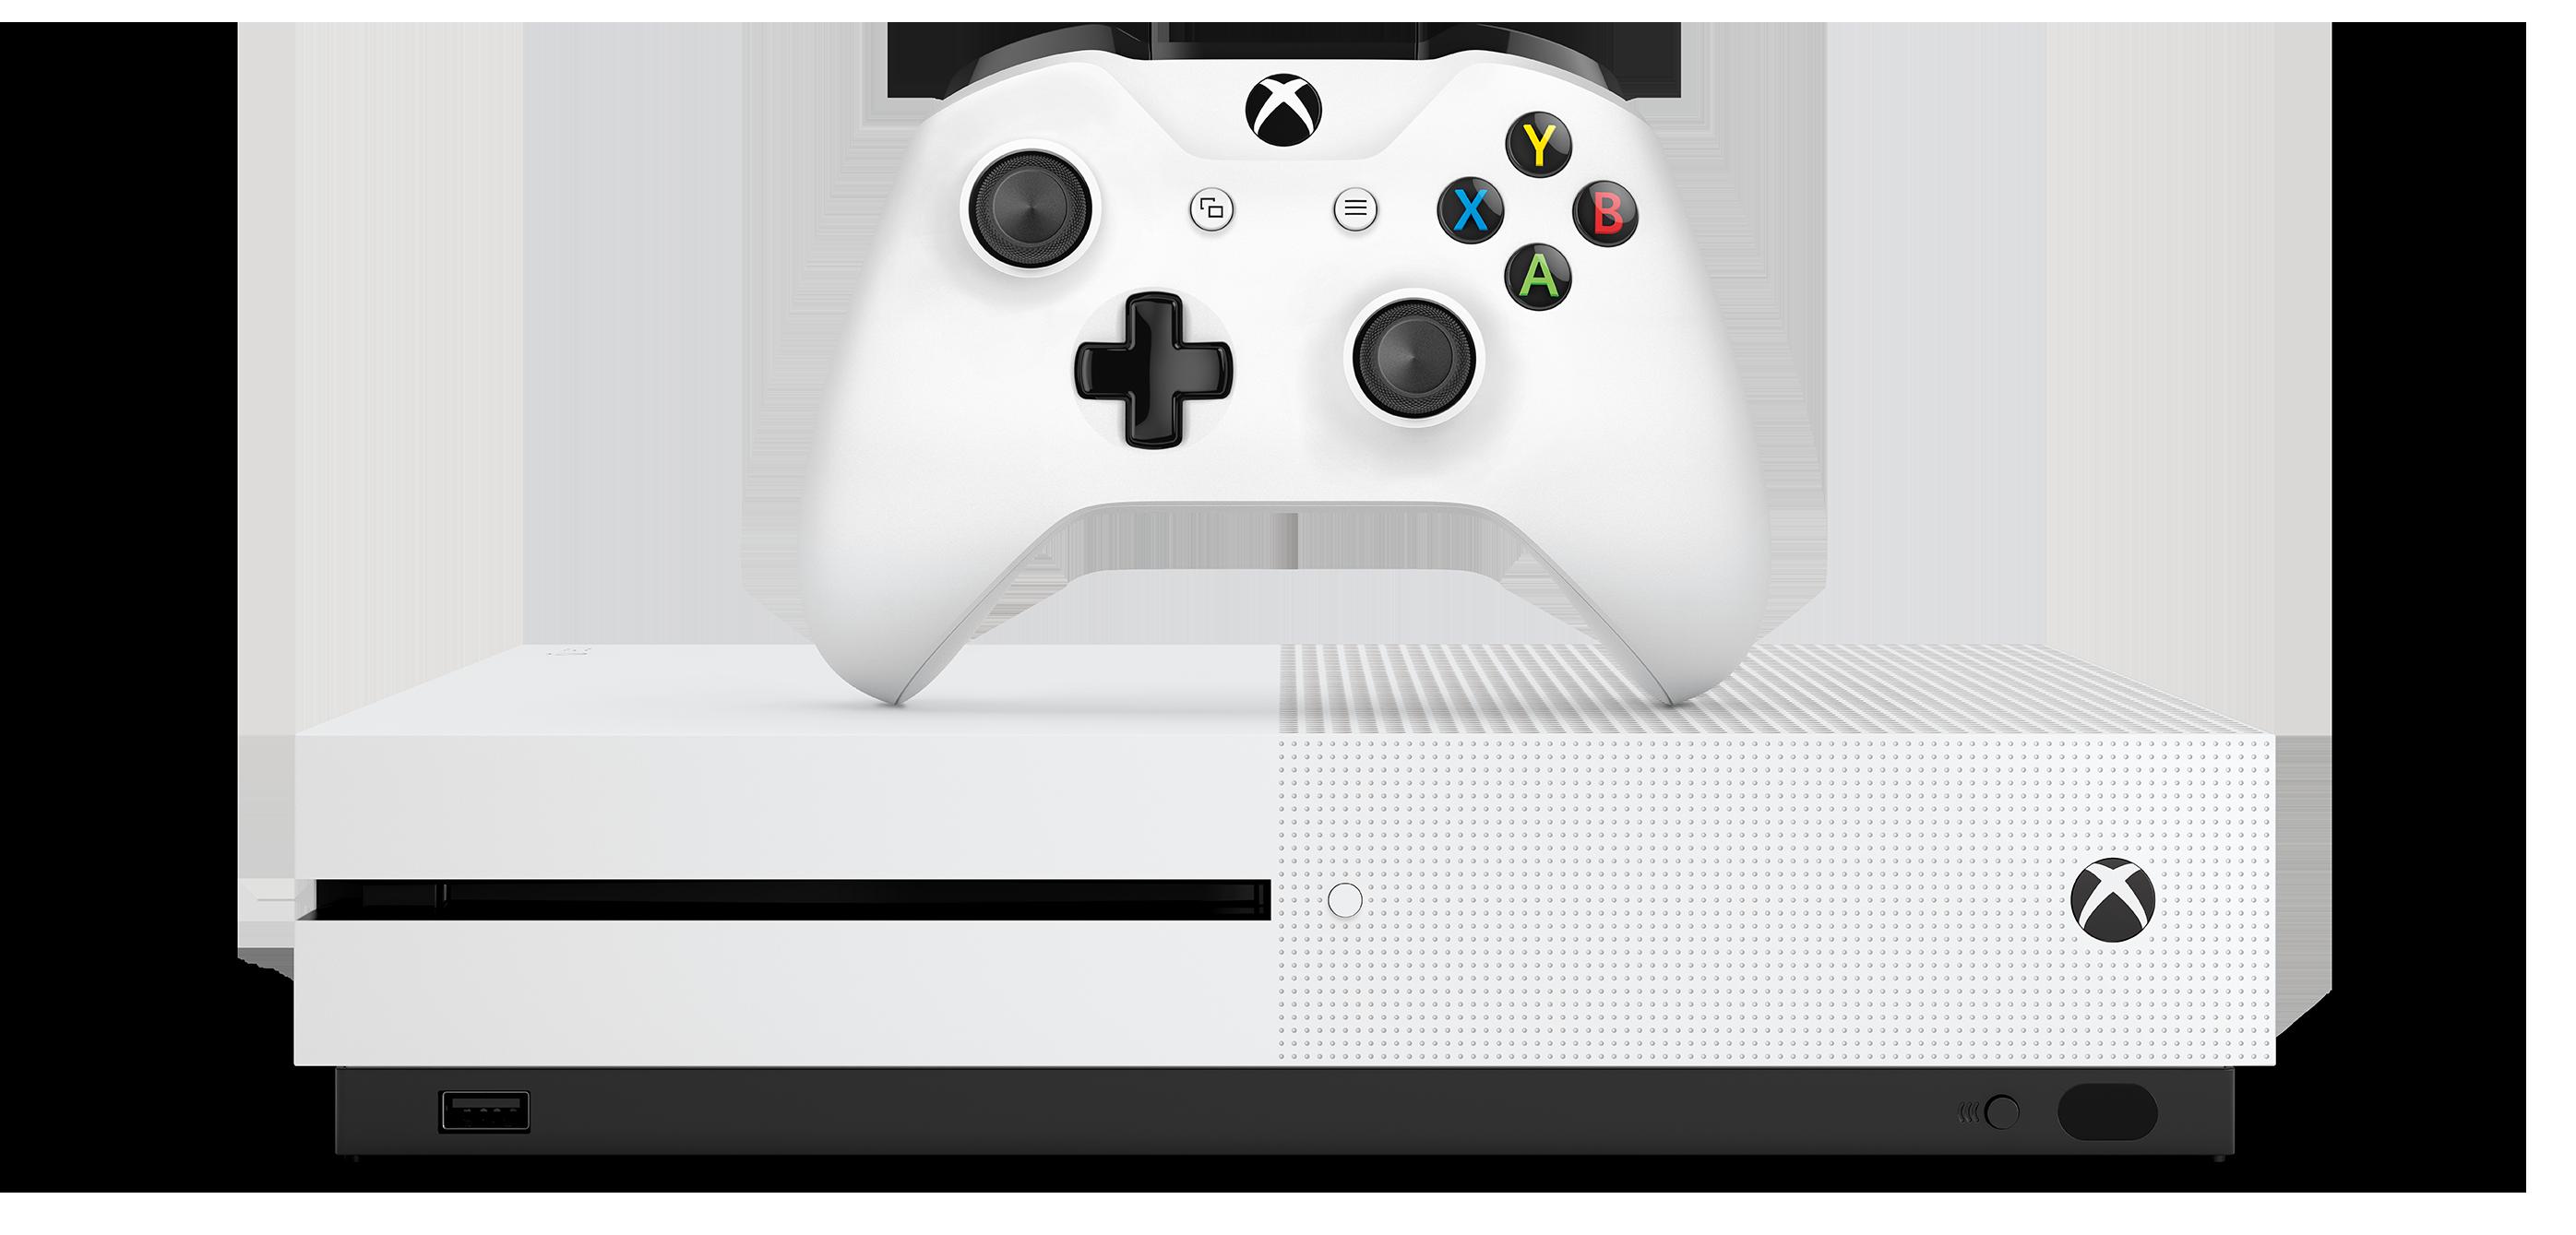 Microsoft Xbox One S In 2020 Xbox One Xbox One S 1tb Xbox One S